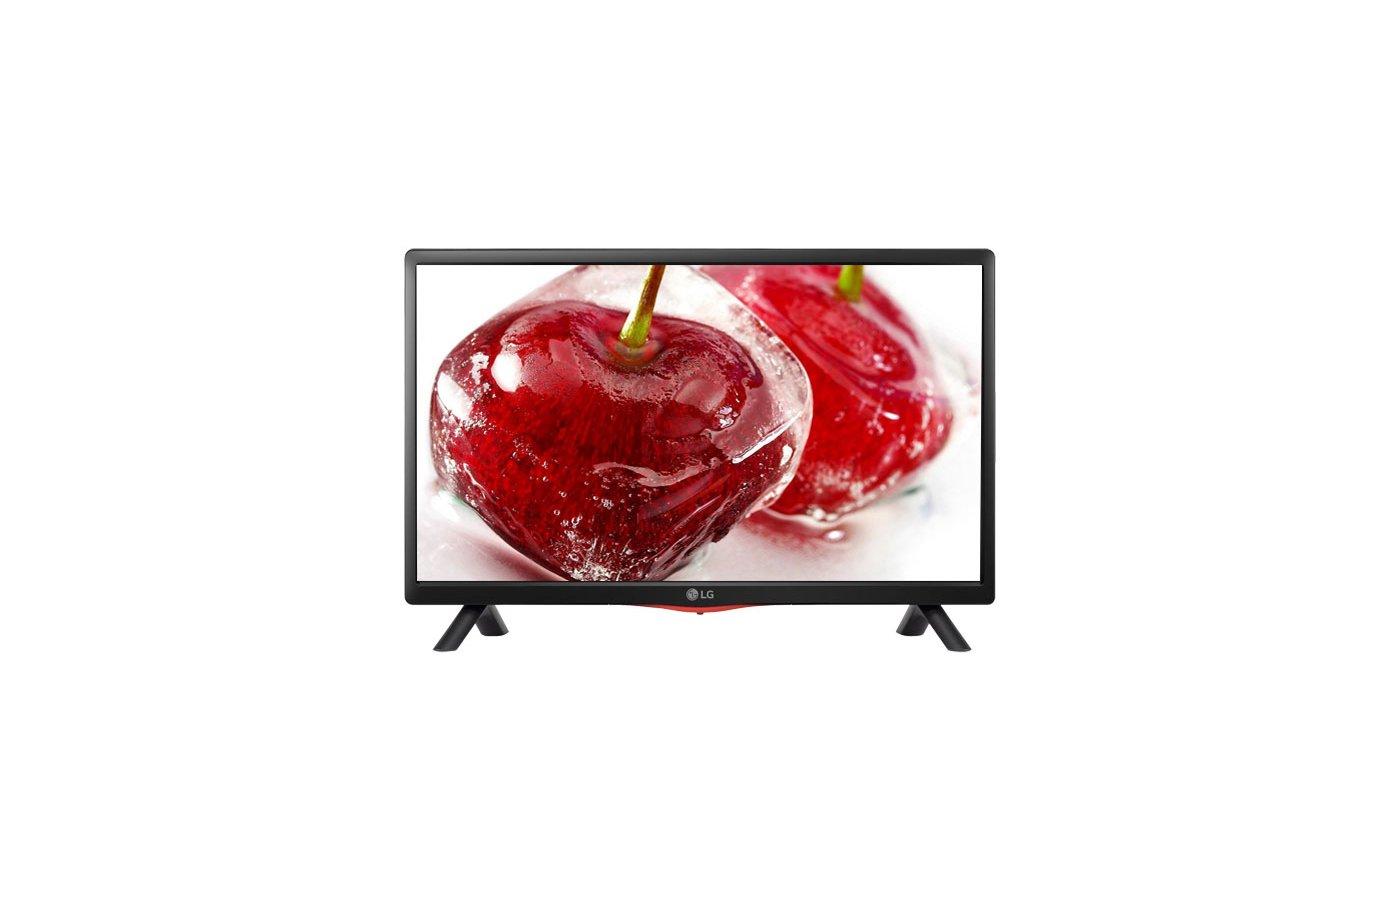 LED телевизор LG 22LF450U